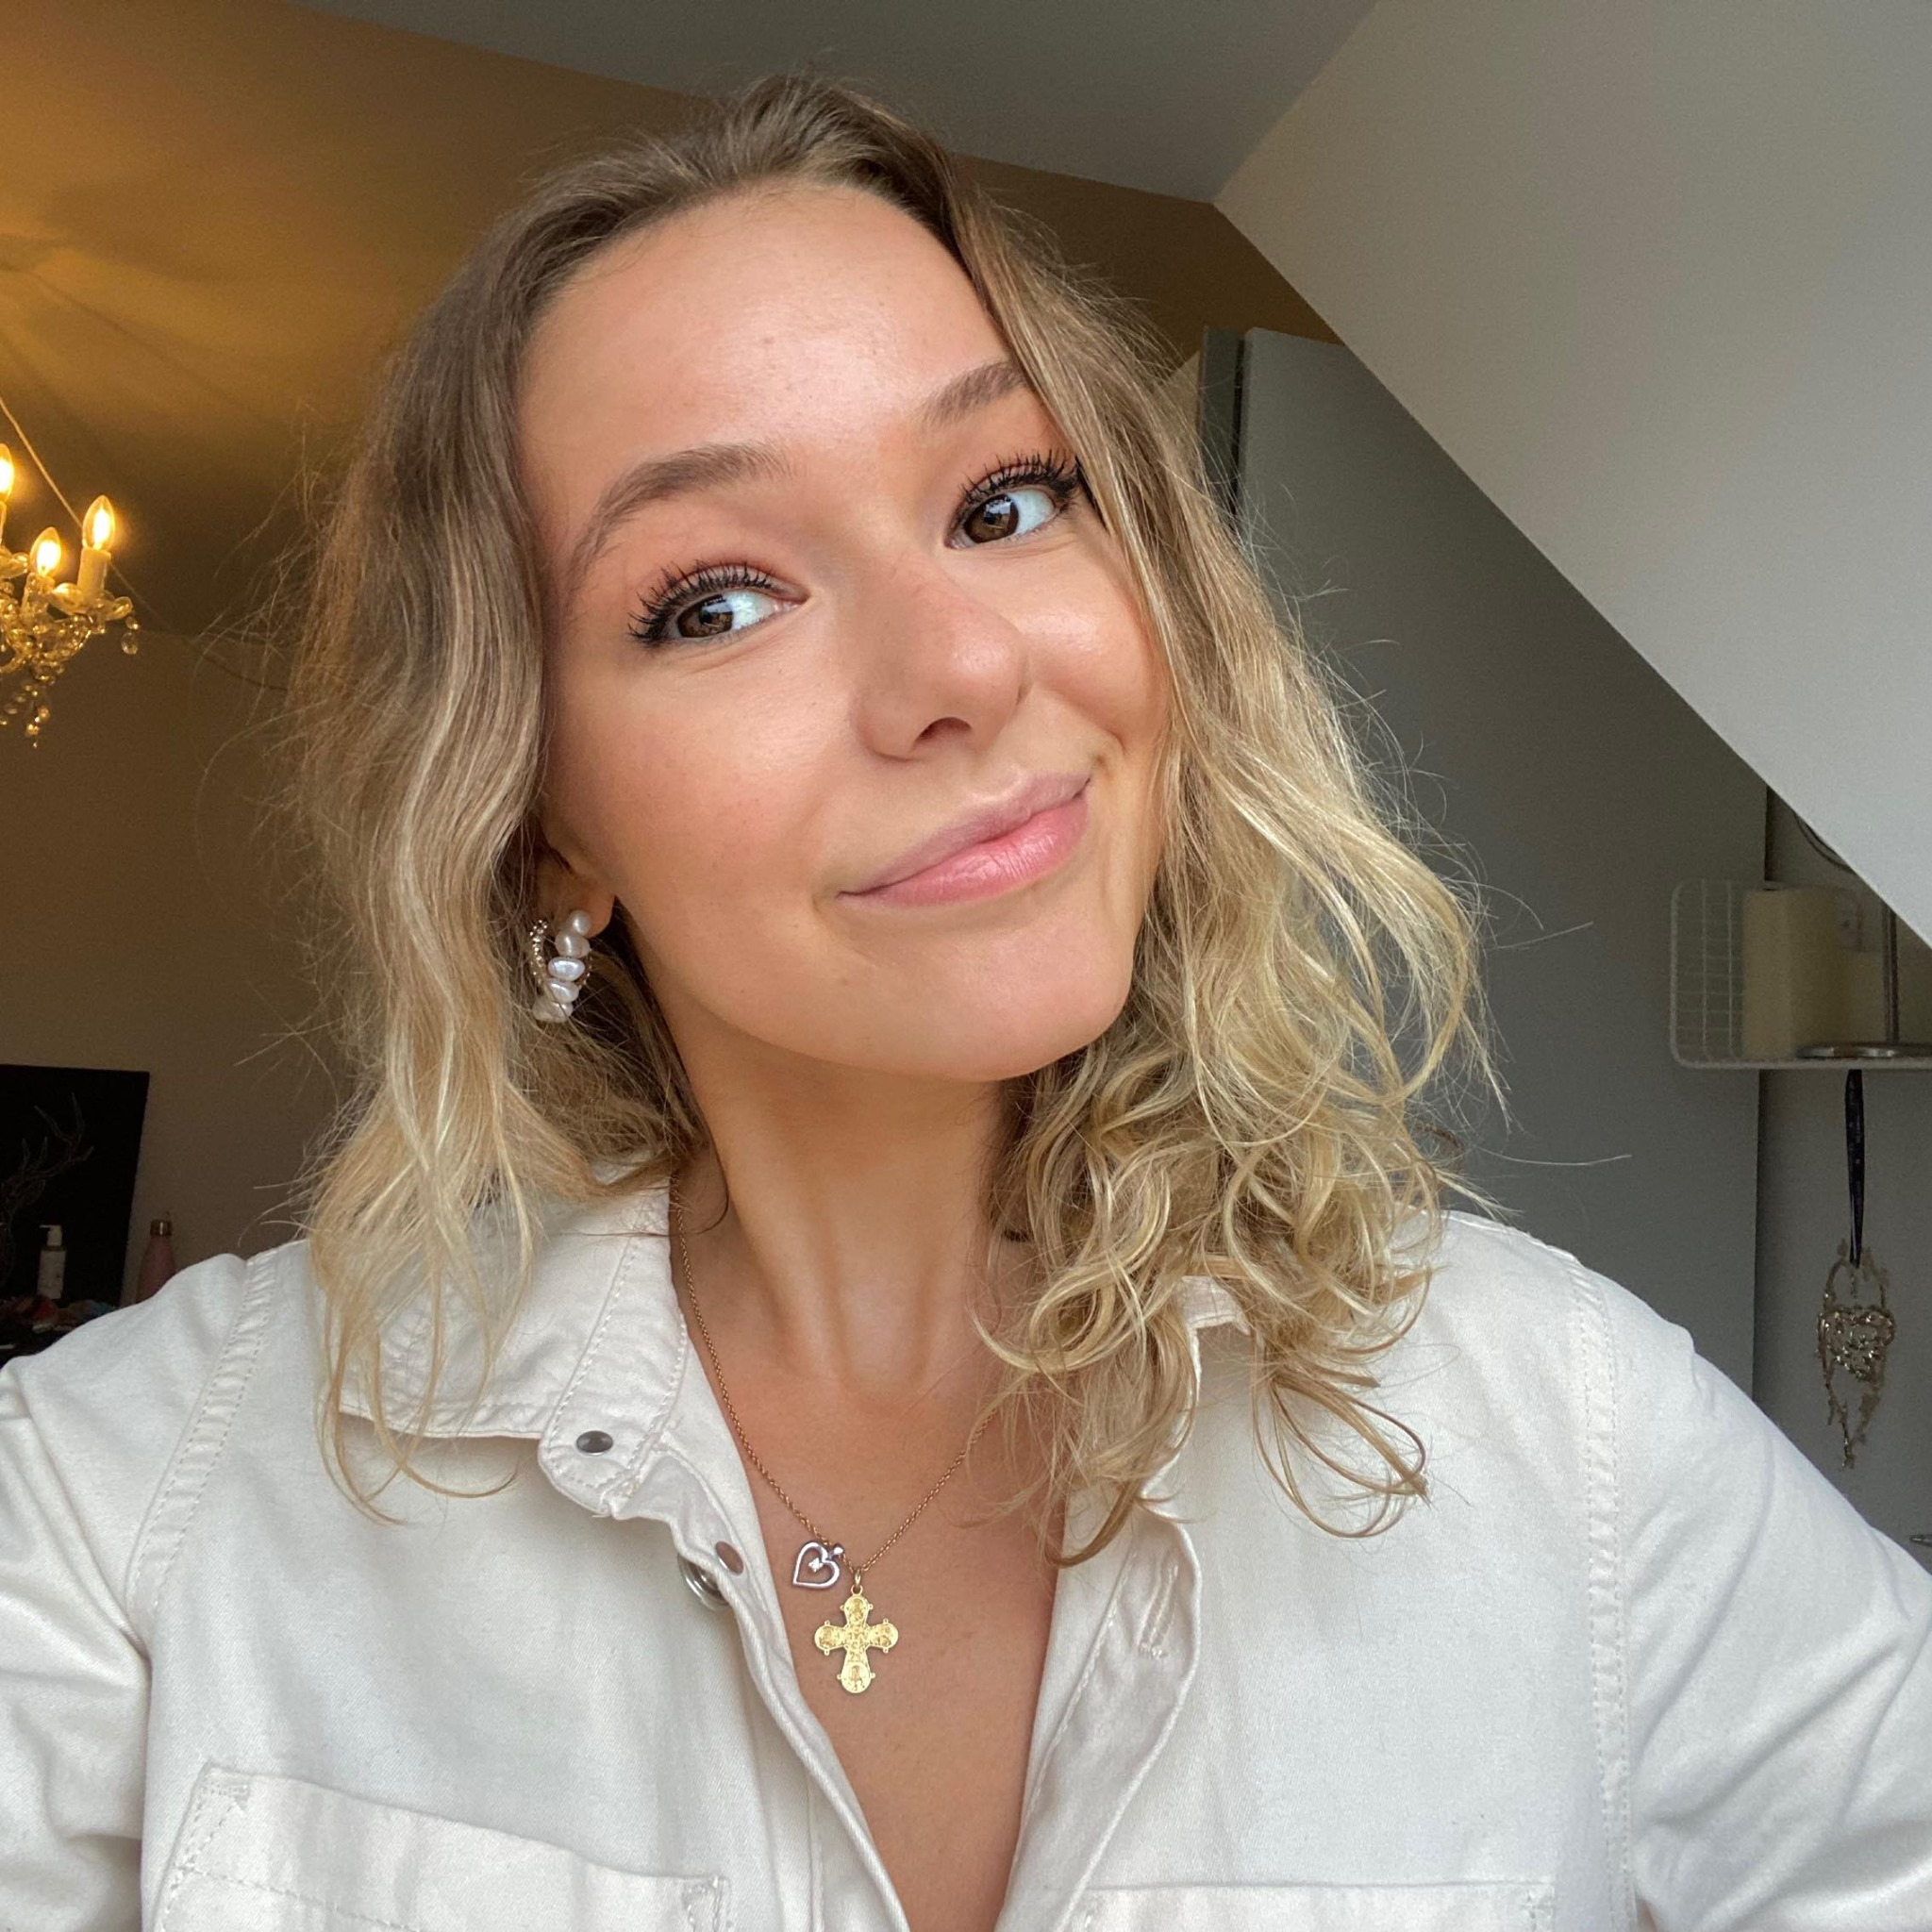 Caroline Christensen